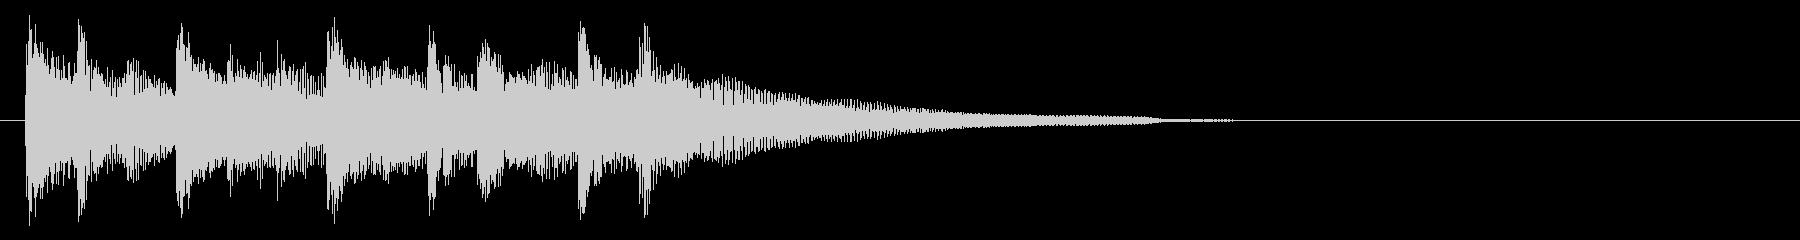 ギターの優しい雰囲気のアイキャッチの未再生の波形